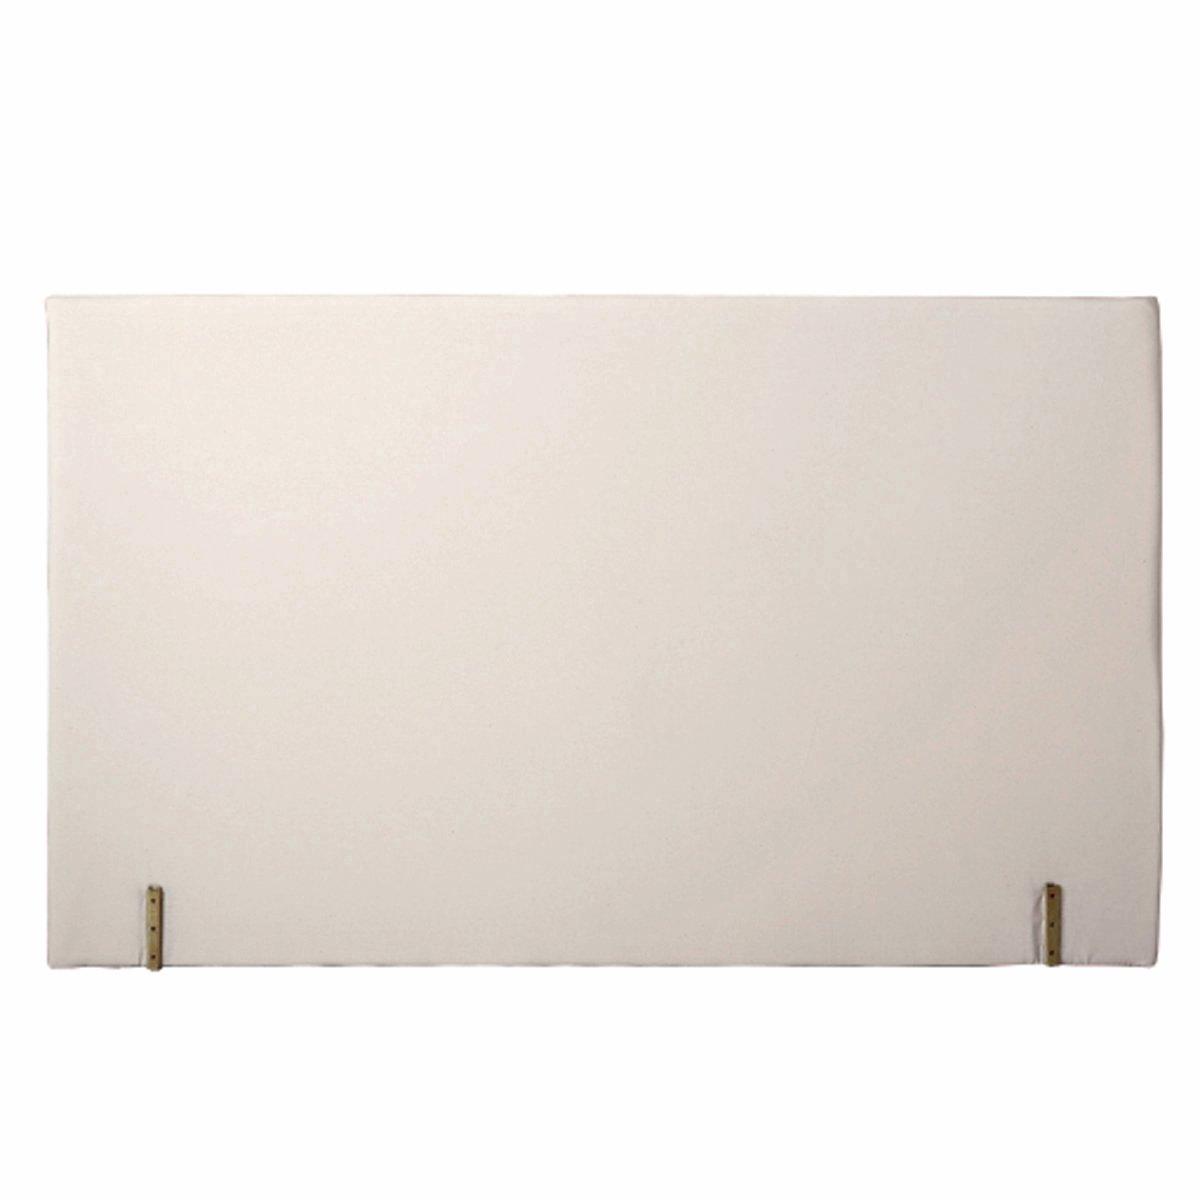 Изголовье La Redoute Кровати с обивкой прямая форма 160 см белый